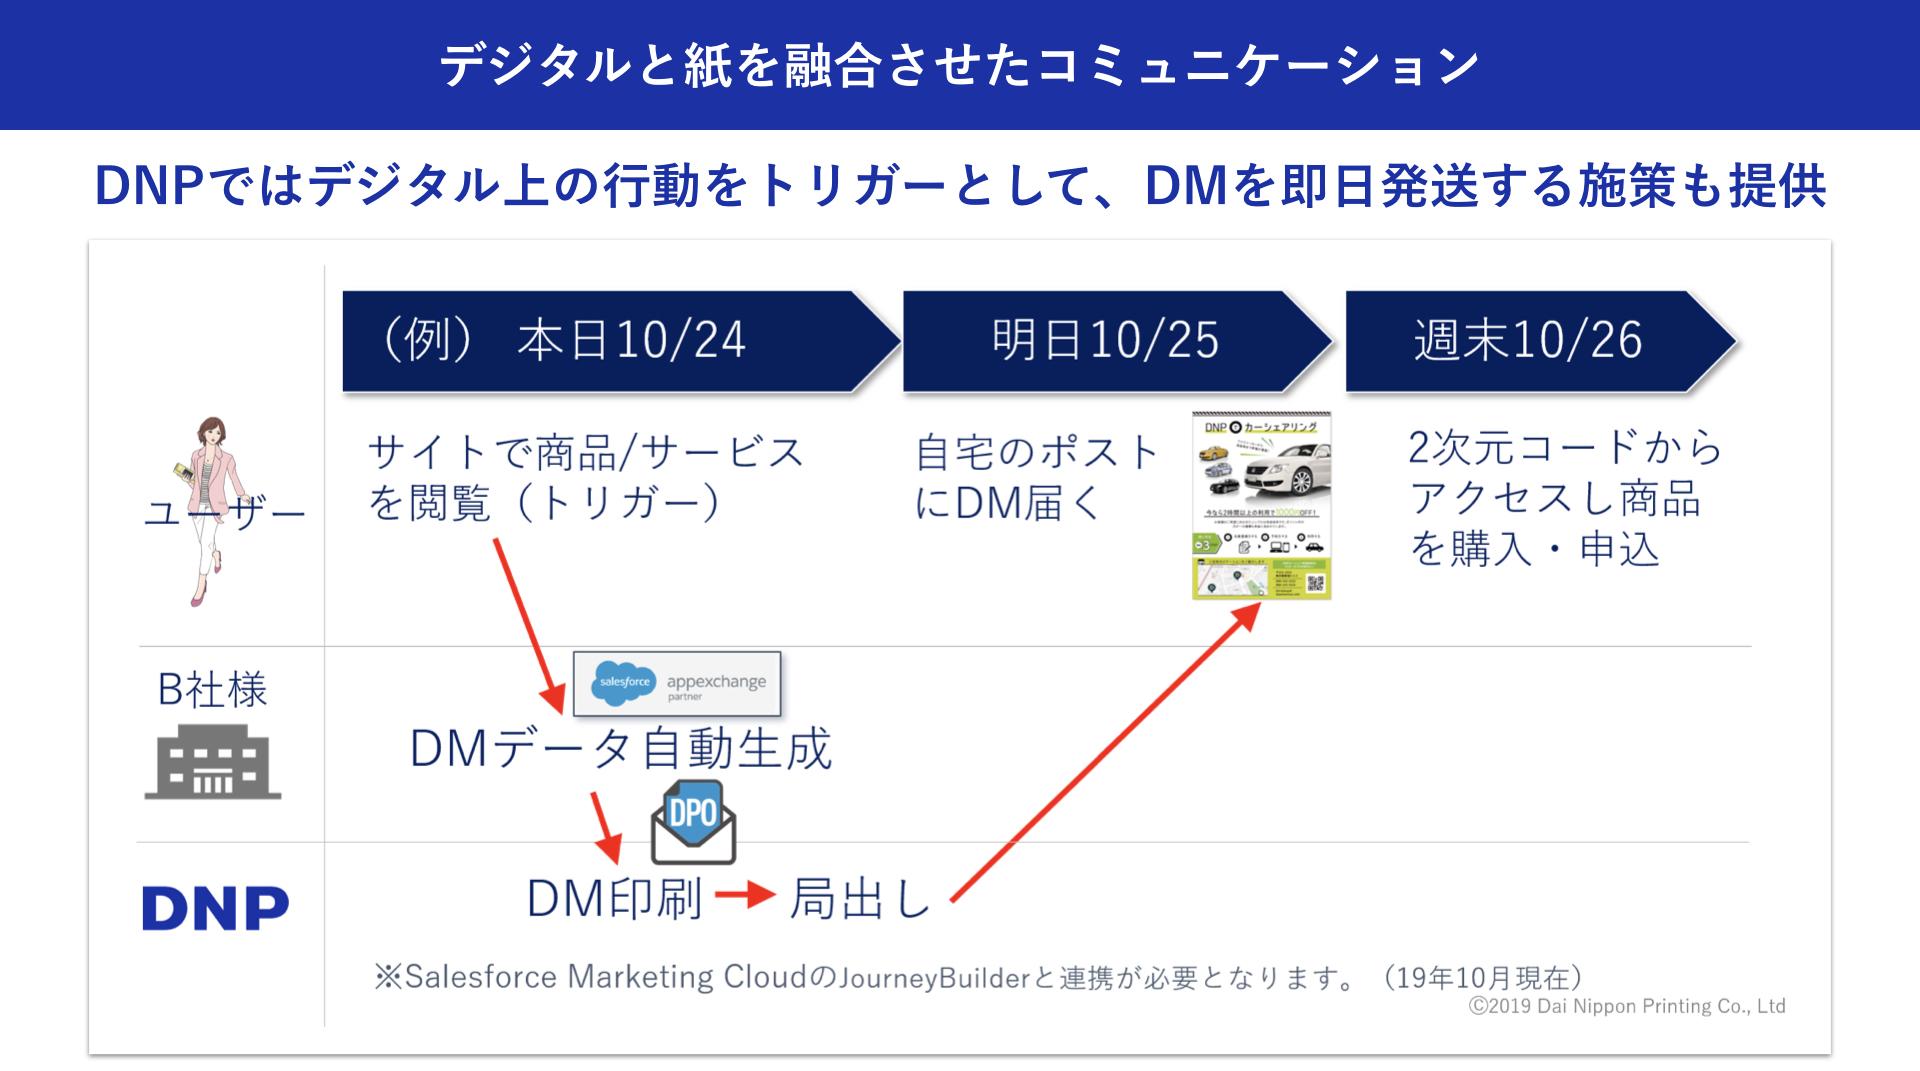 大日本印刷株式会社:加藤 綱貴 デジタルと紙を融合させたコミュニケーション